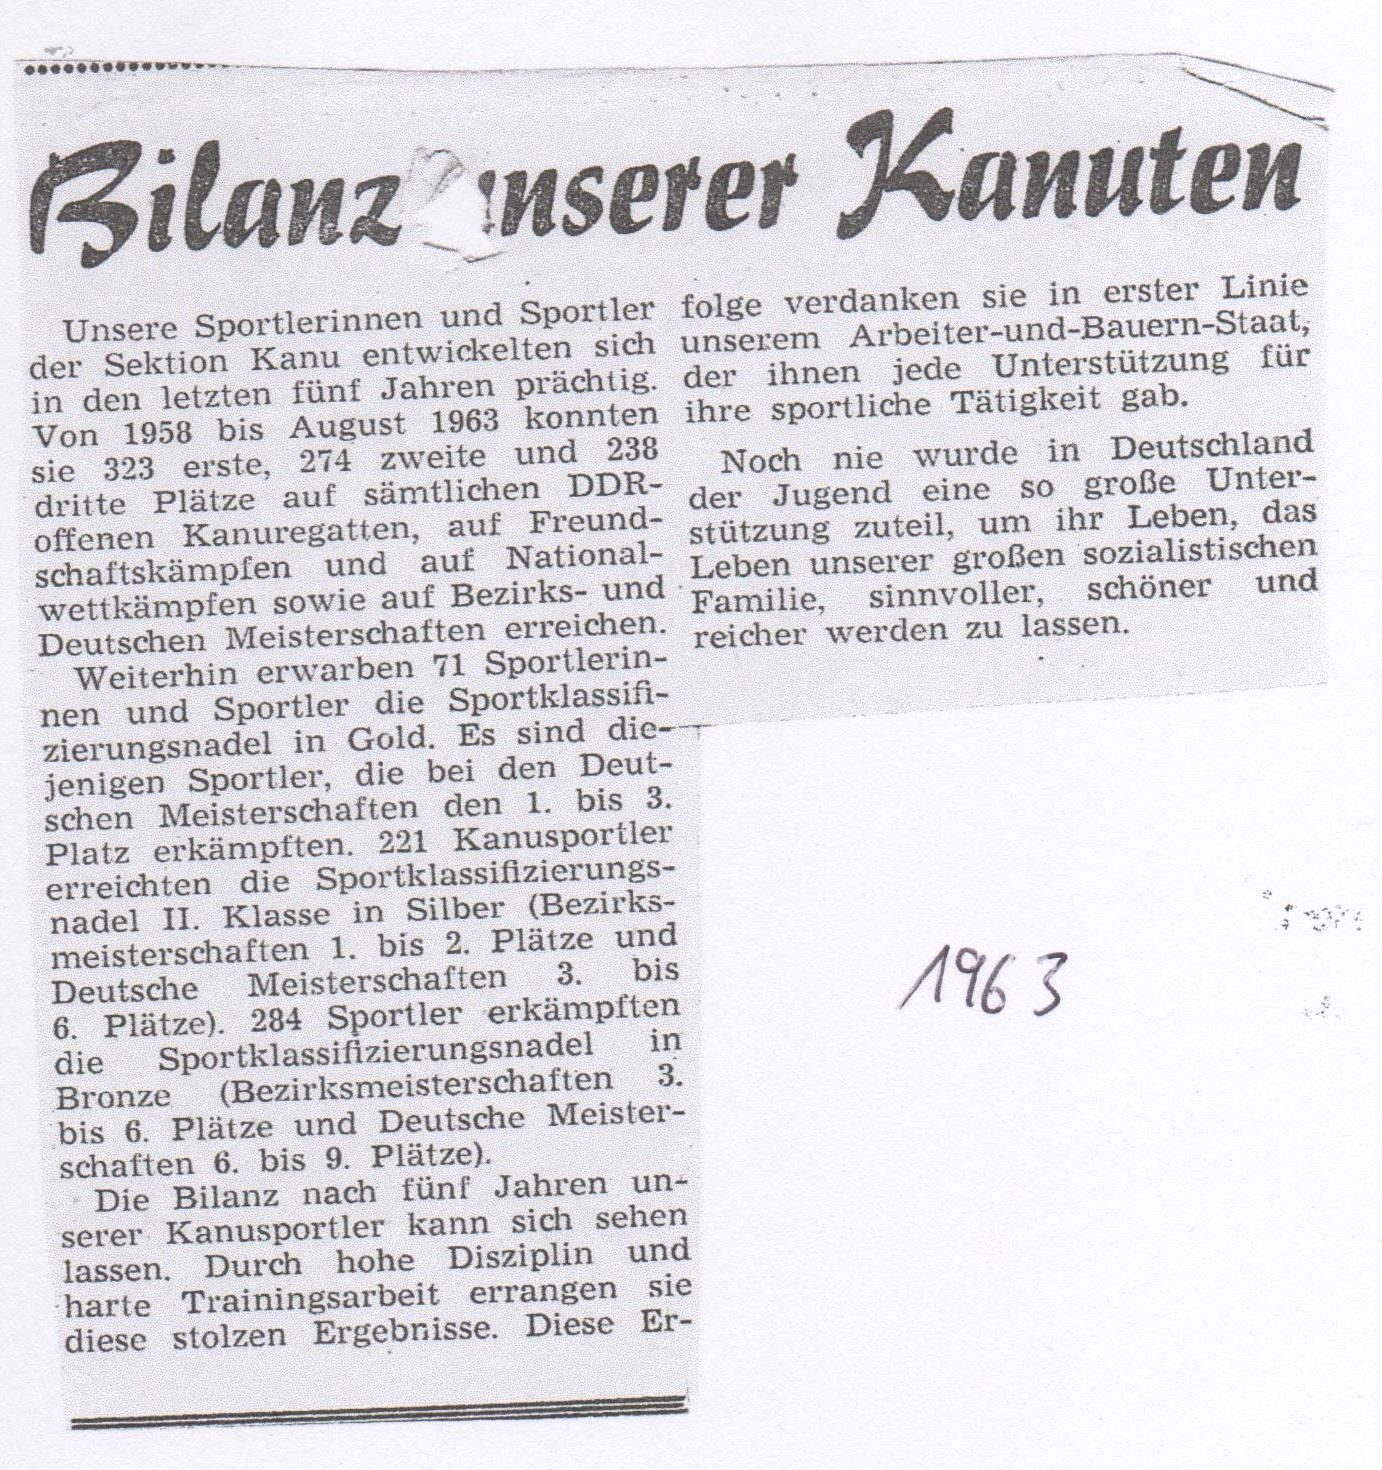 1963- Bilanz unserer Kanuten-letzte 5Jahre